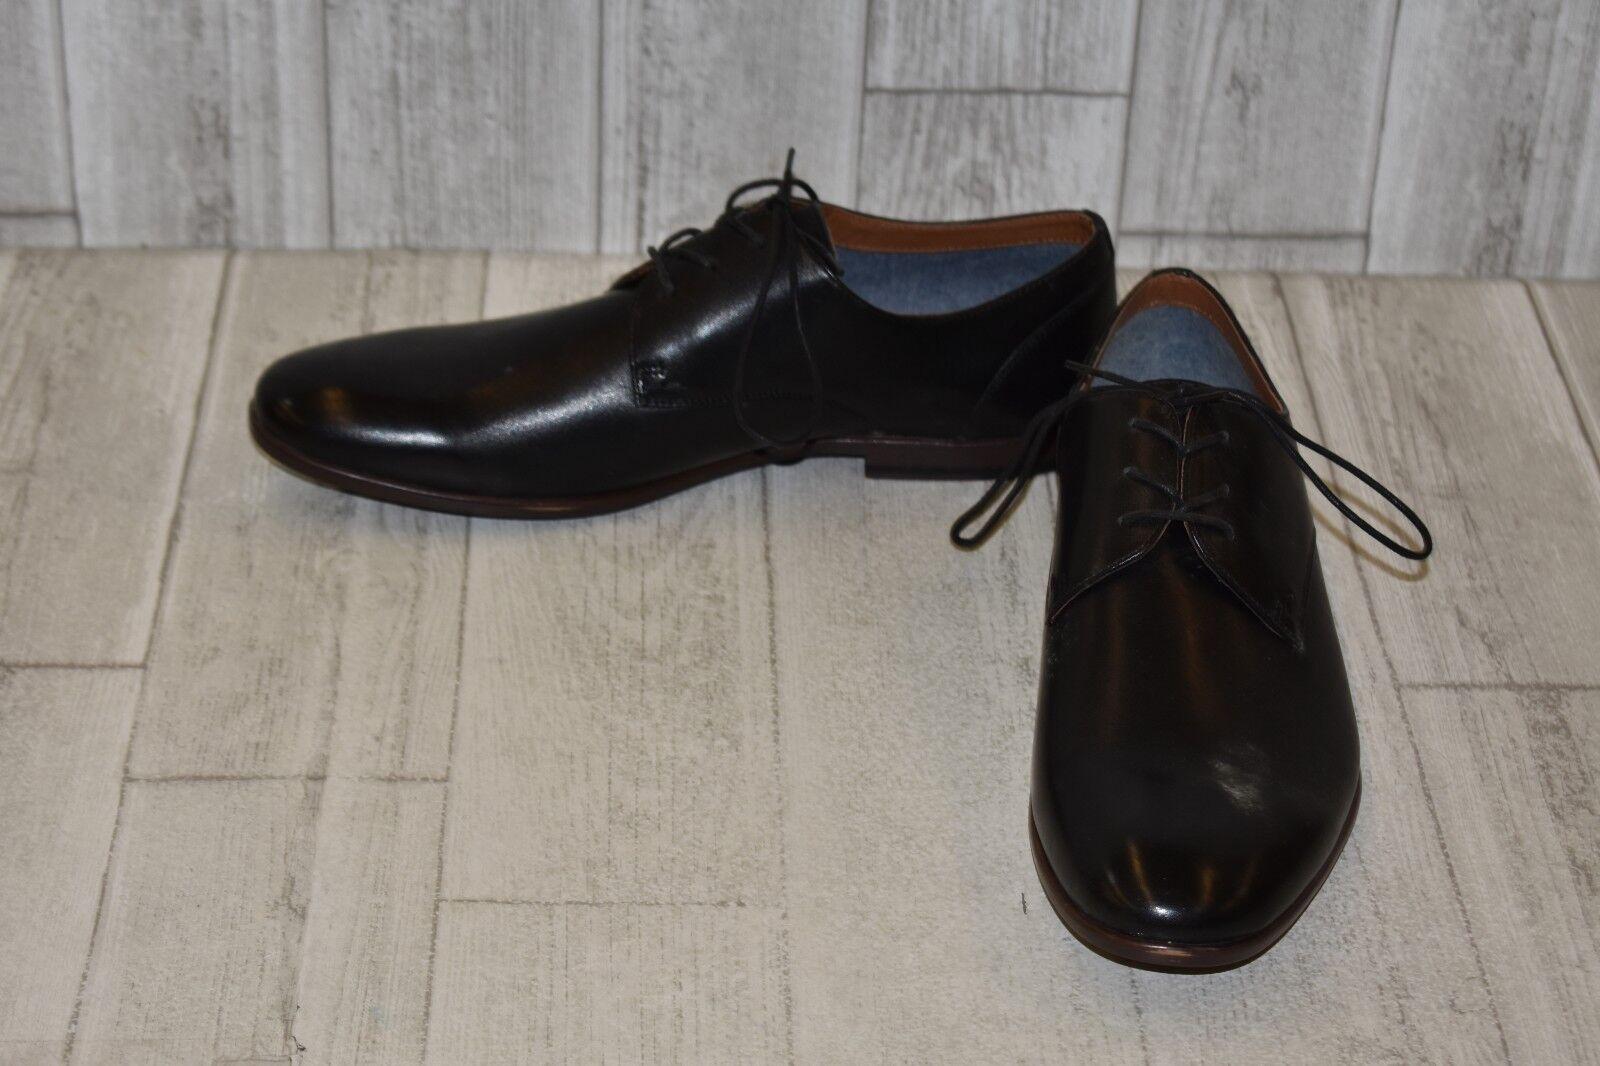 disegni esclusivi Aldo Cerneglons-R Oxford scarpe - Uomo Dimensione 12, nero nero nero  qualità autentica